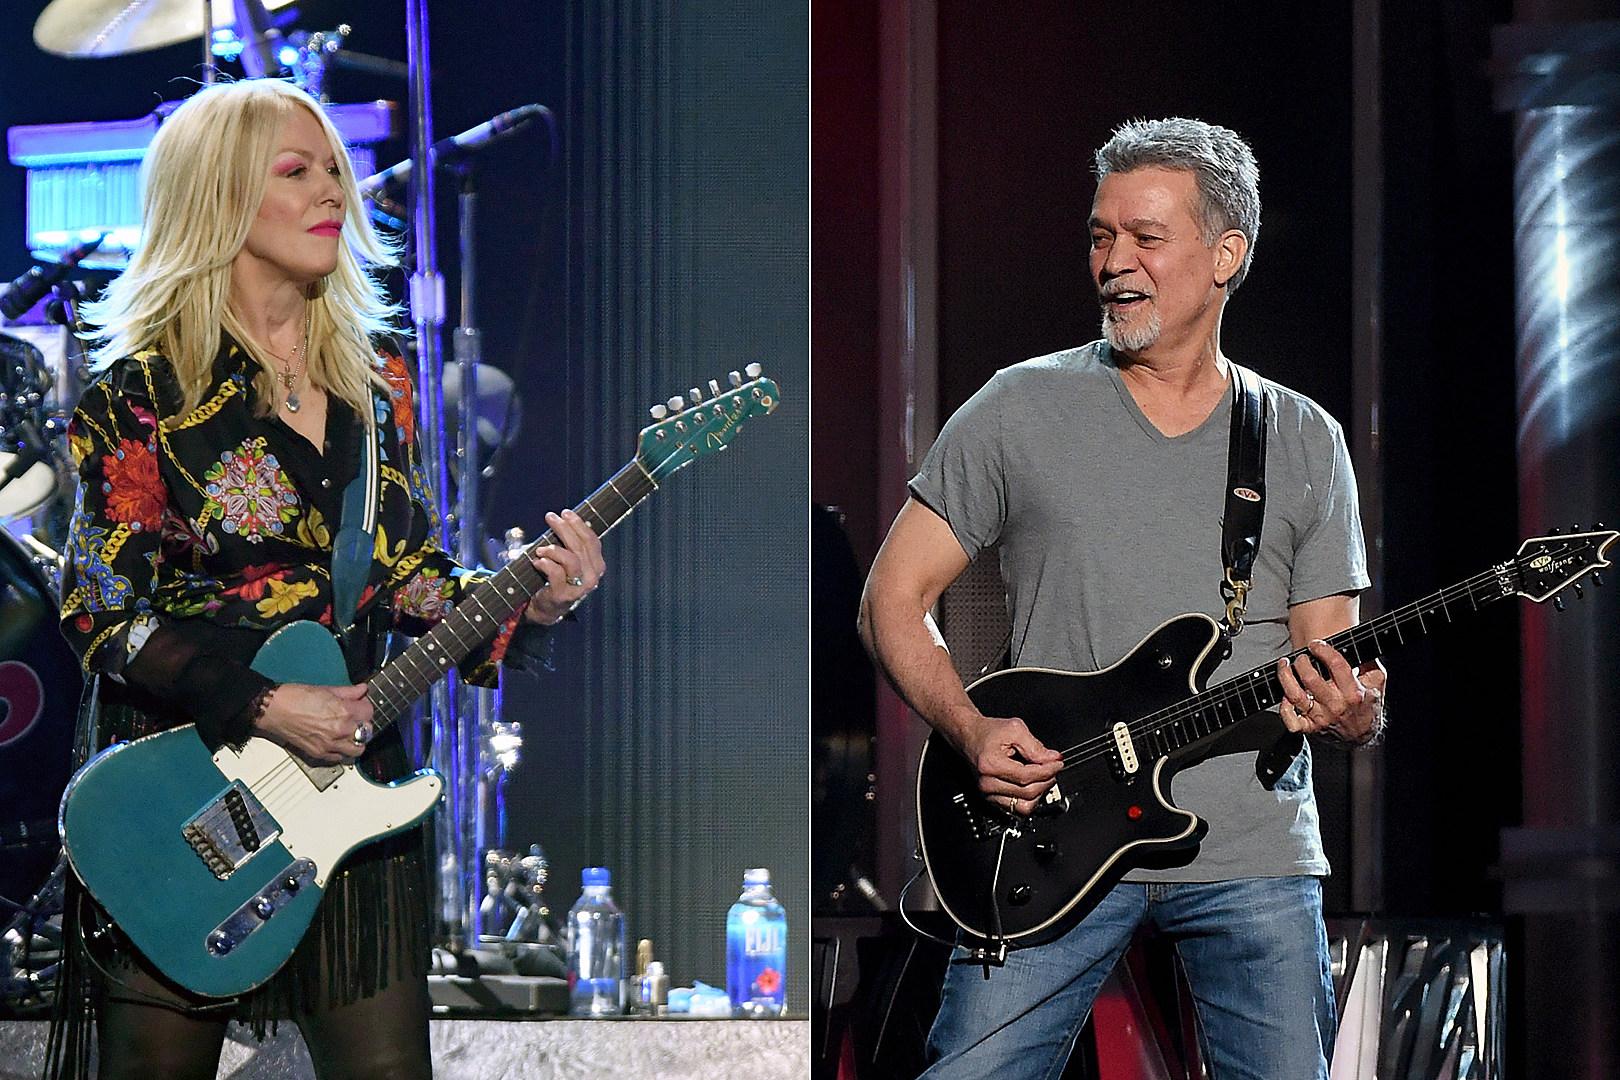 Nancy Wilson Salutes Eddie Van Halen on Tribute Song '4 Edward'